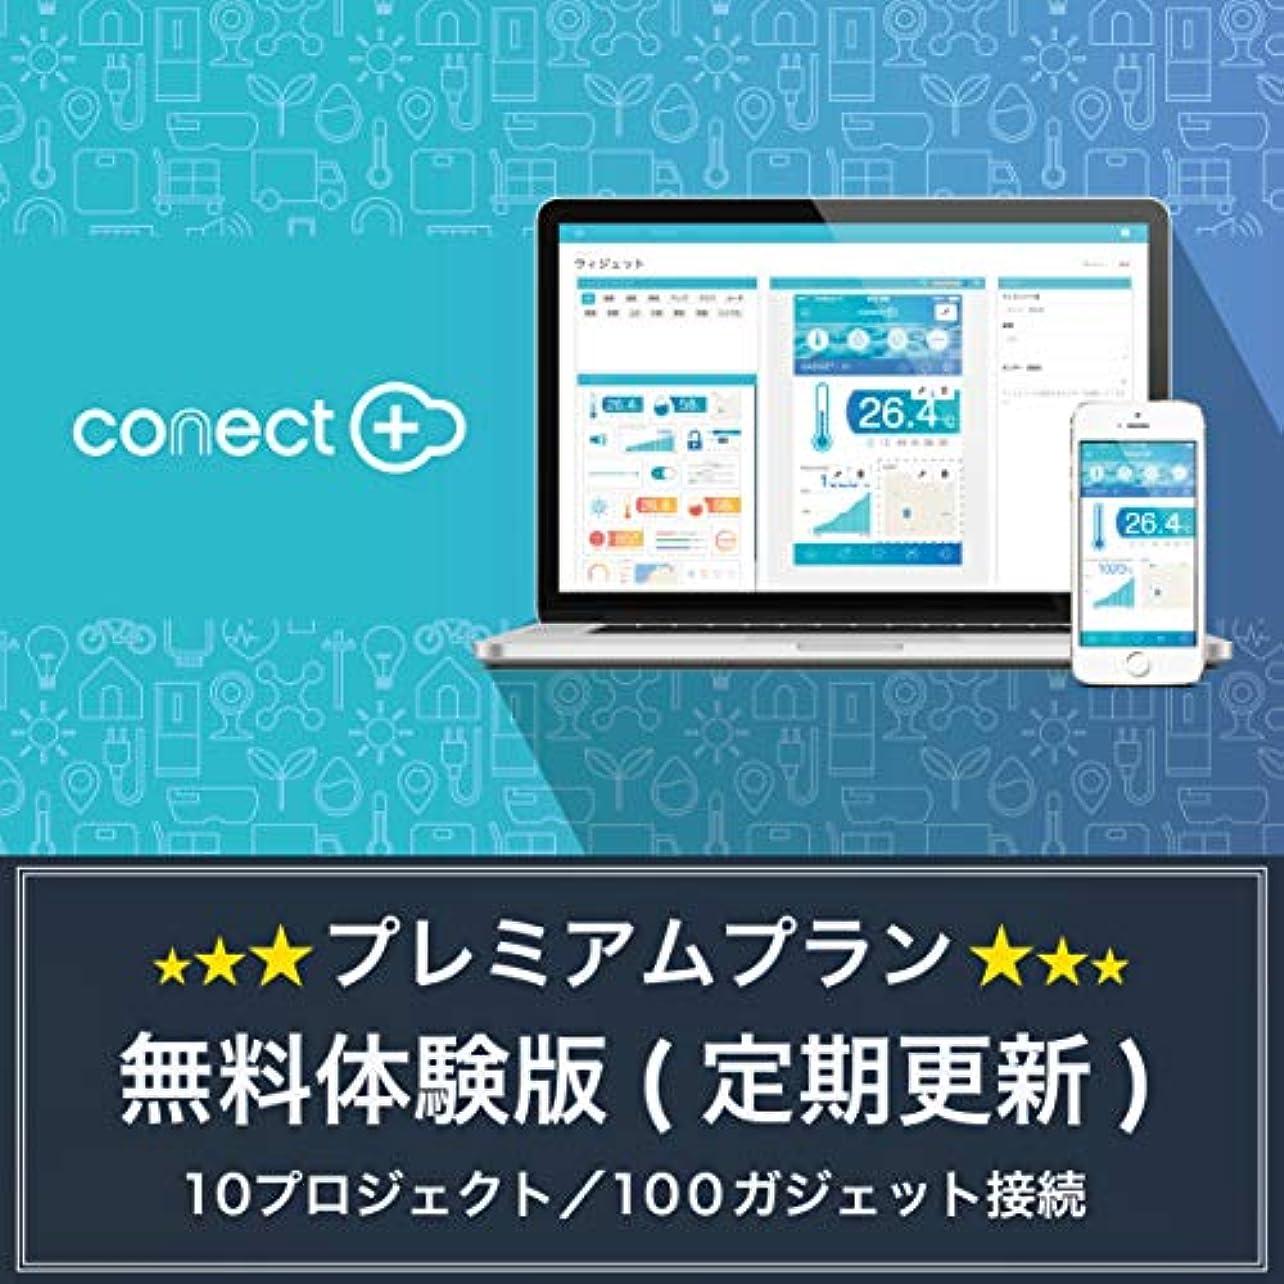 遡るアイロニーお金conect+ PREMIUM PLAN | 30日無料体験版 | 10プロジェクト/100ガジェット接続 | サブスクリプション(定期更新)